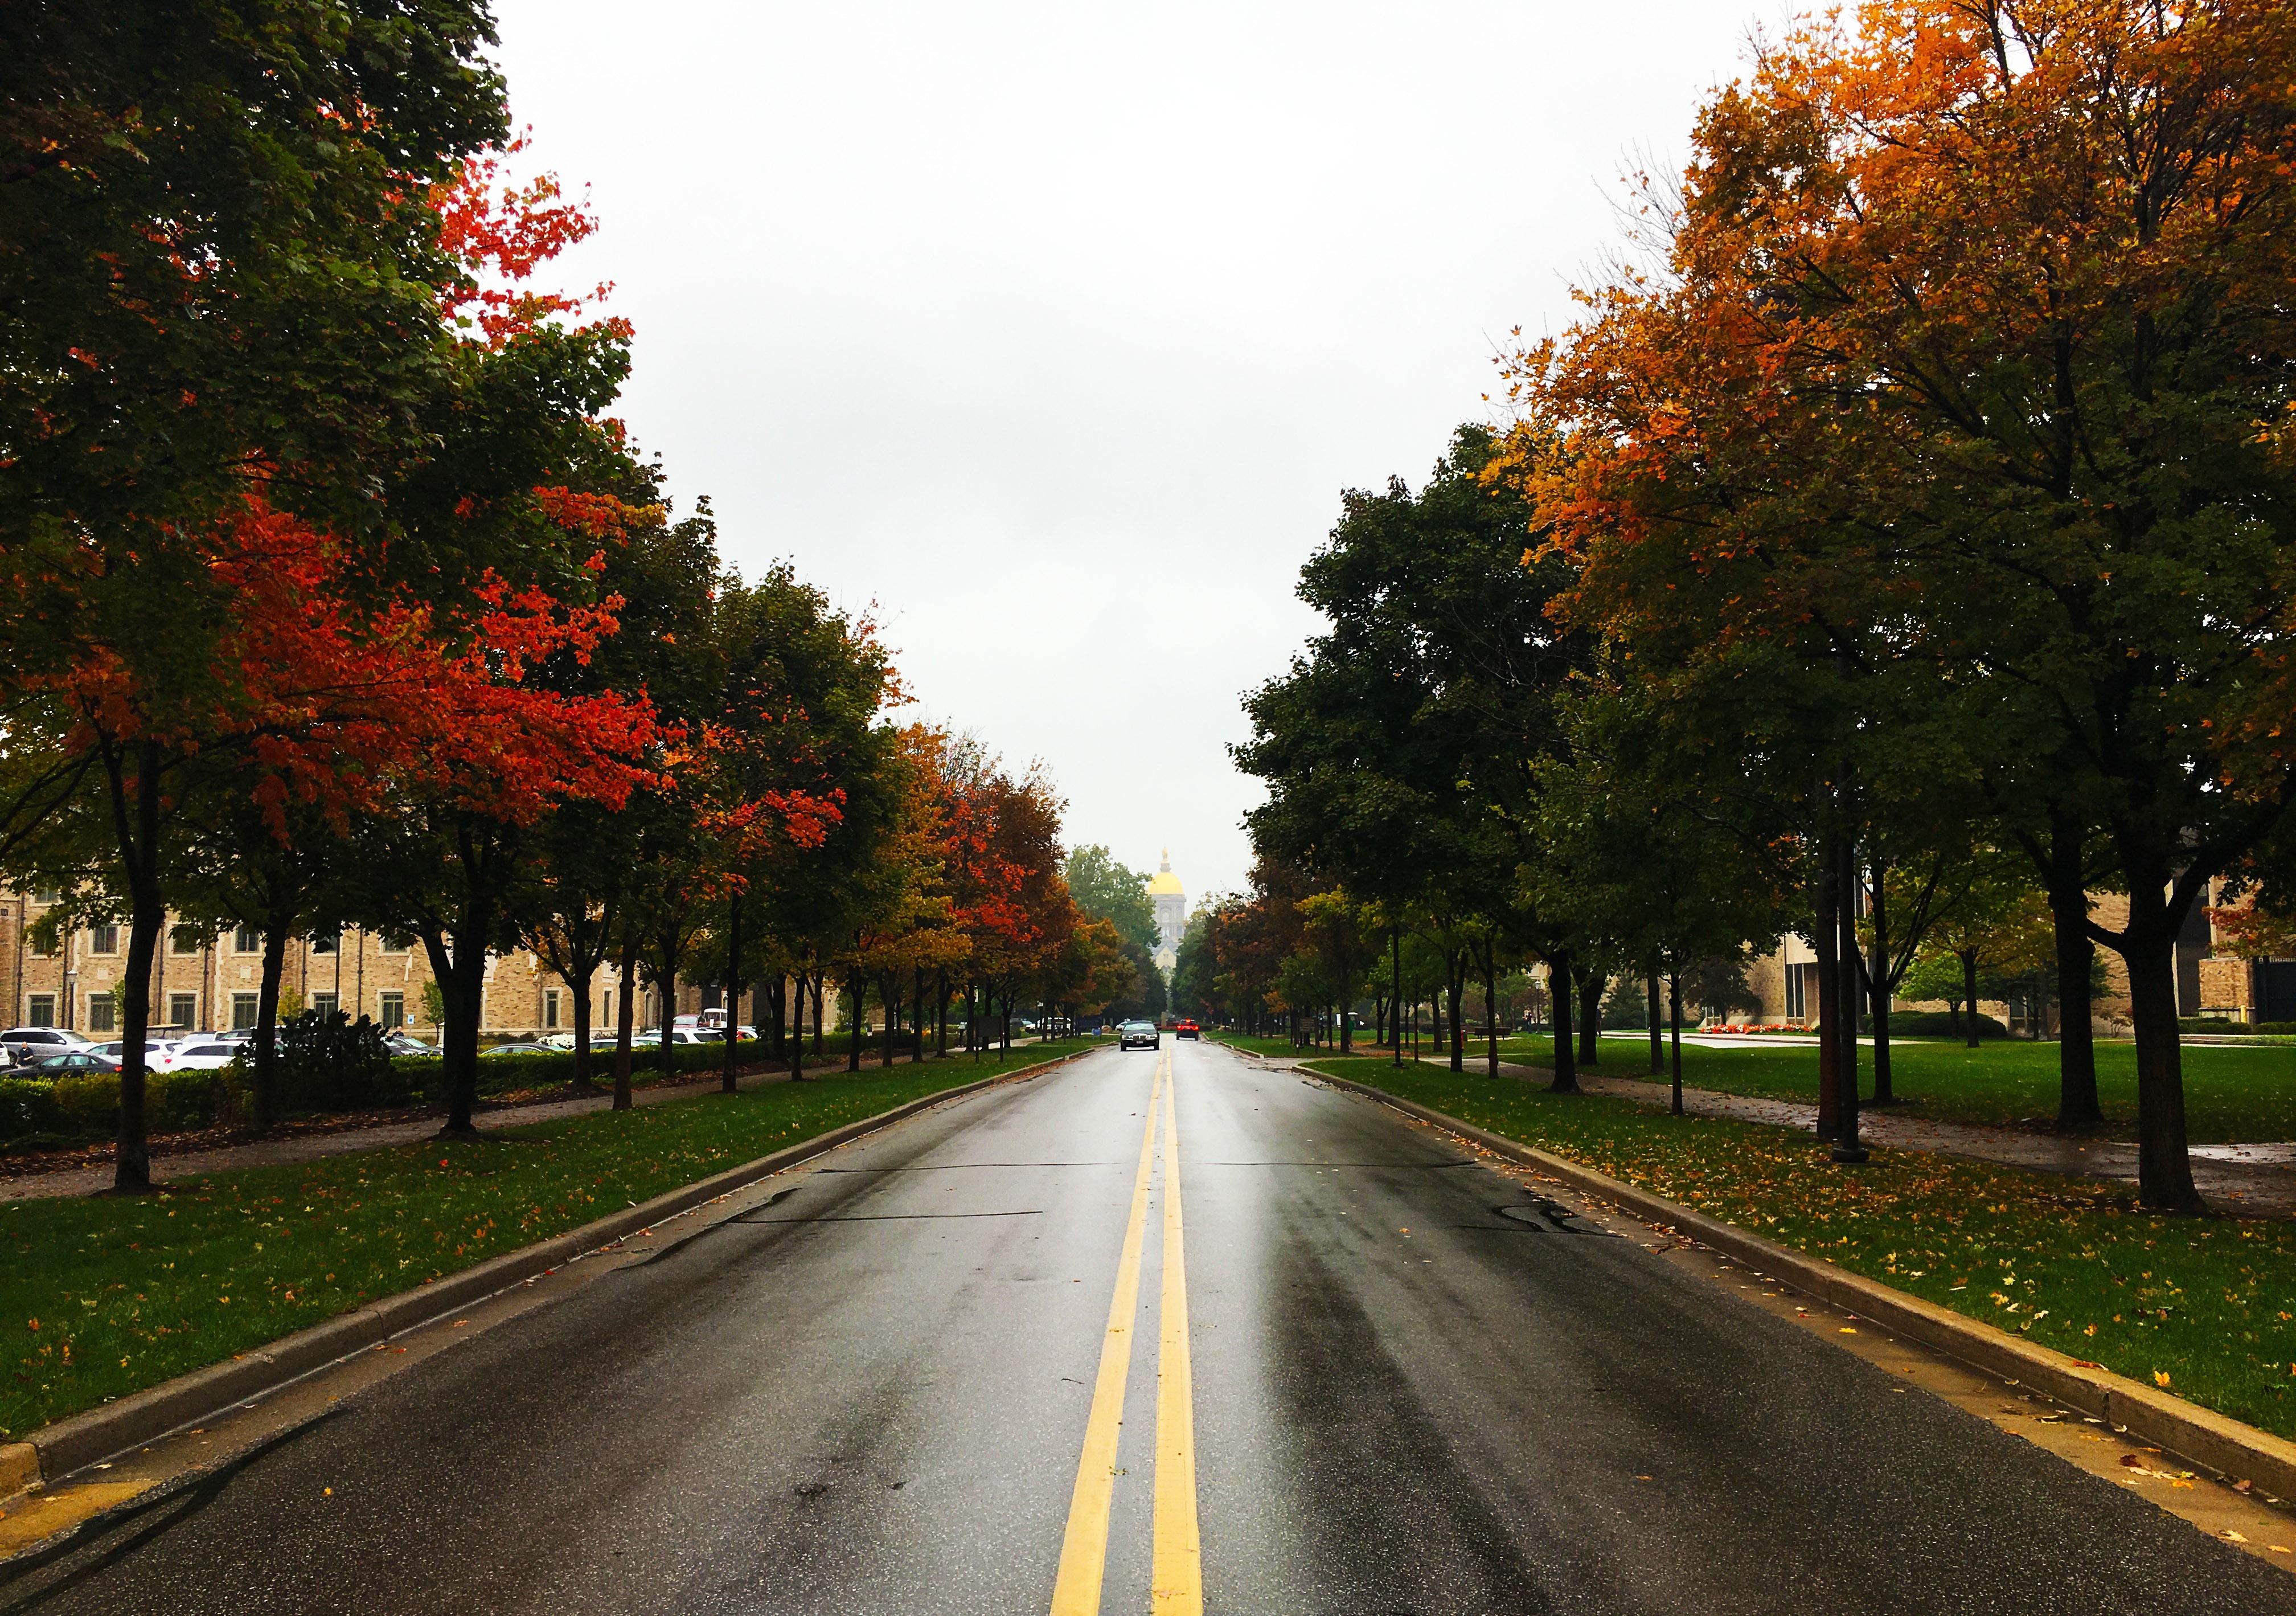 дорога картинки деревьев на улицах изменения составе оборудования